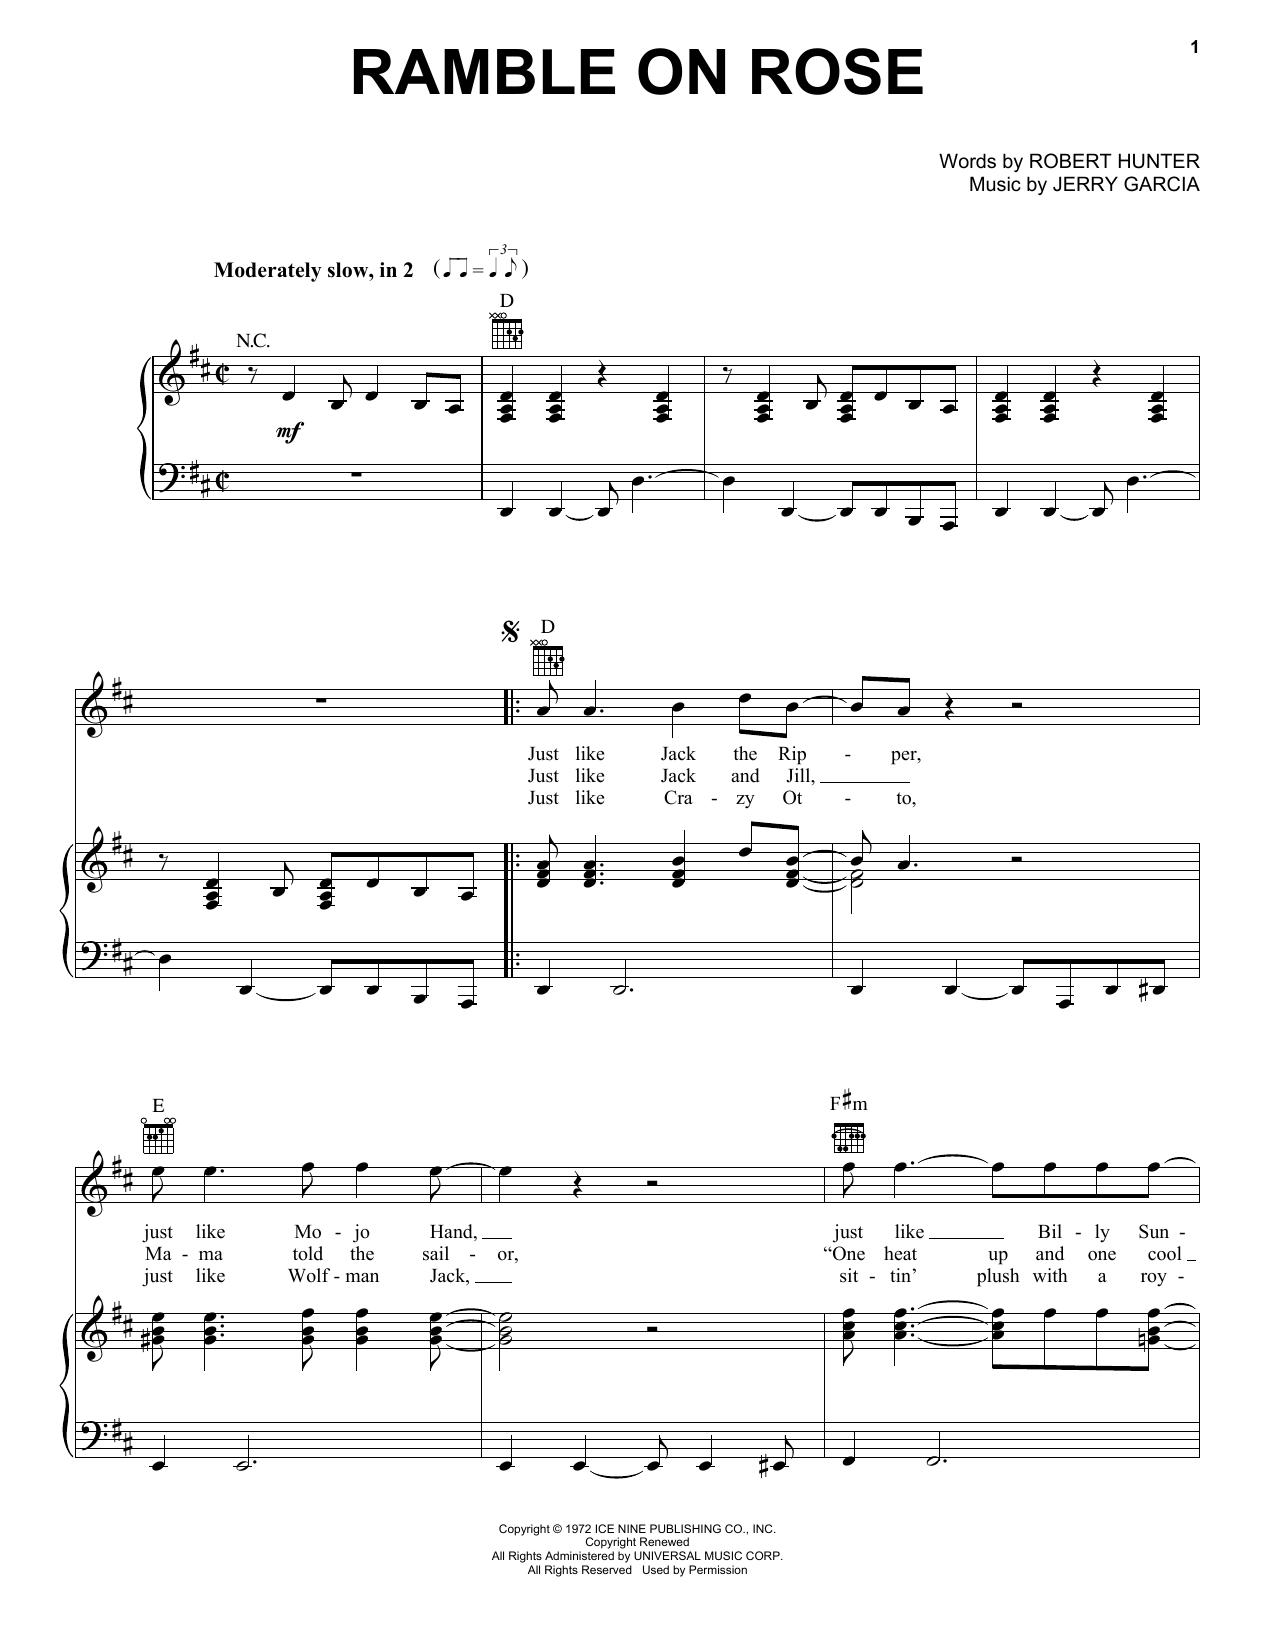 Grateful Dead Ramble On Rose Sheet Music Notes, Chords   Download Printable  Guitar Chords/Lyrics PDF Score   SKU 15